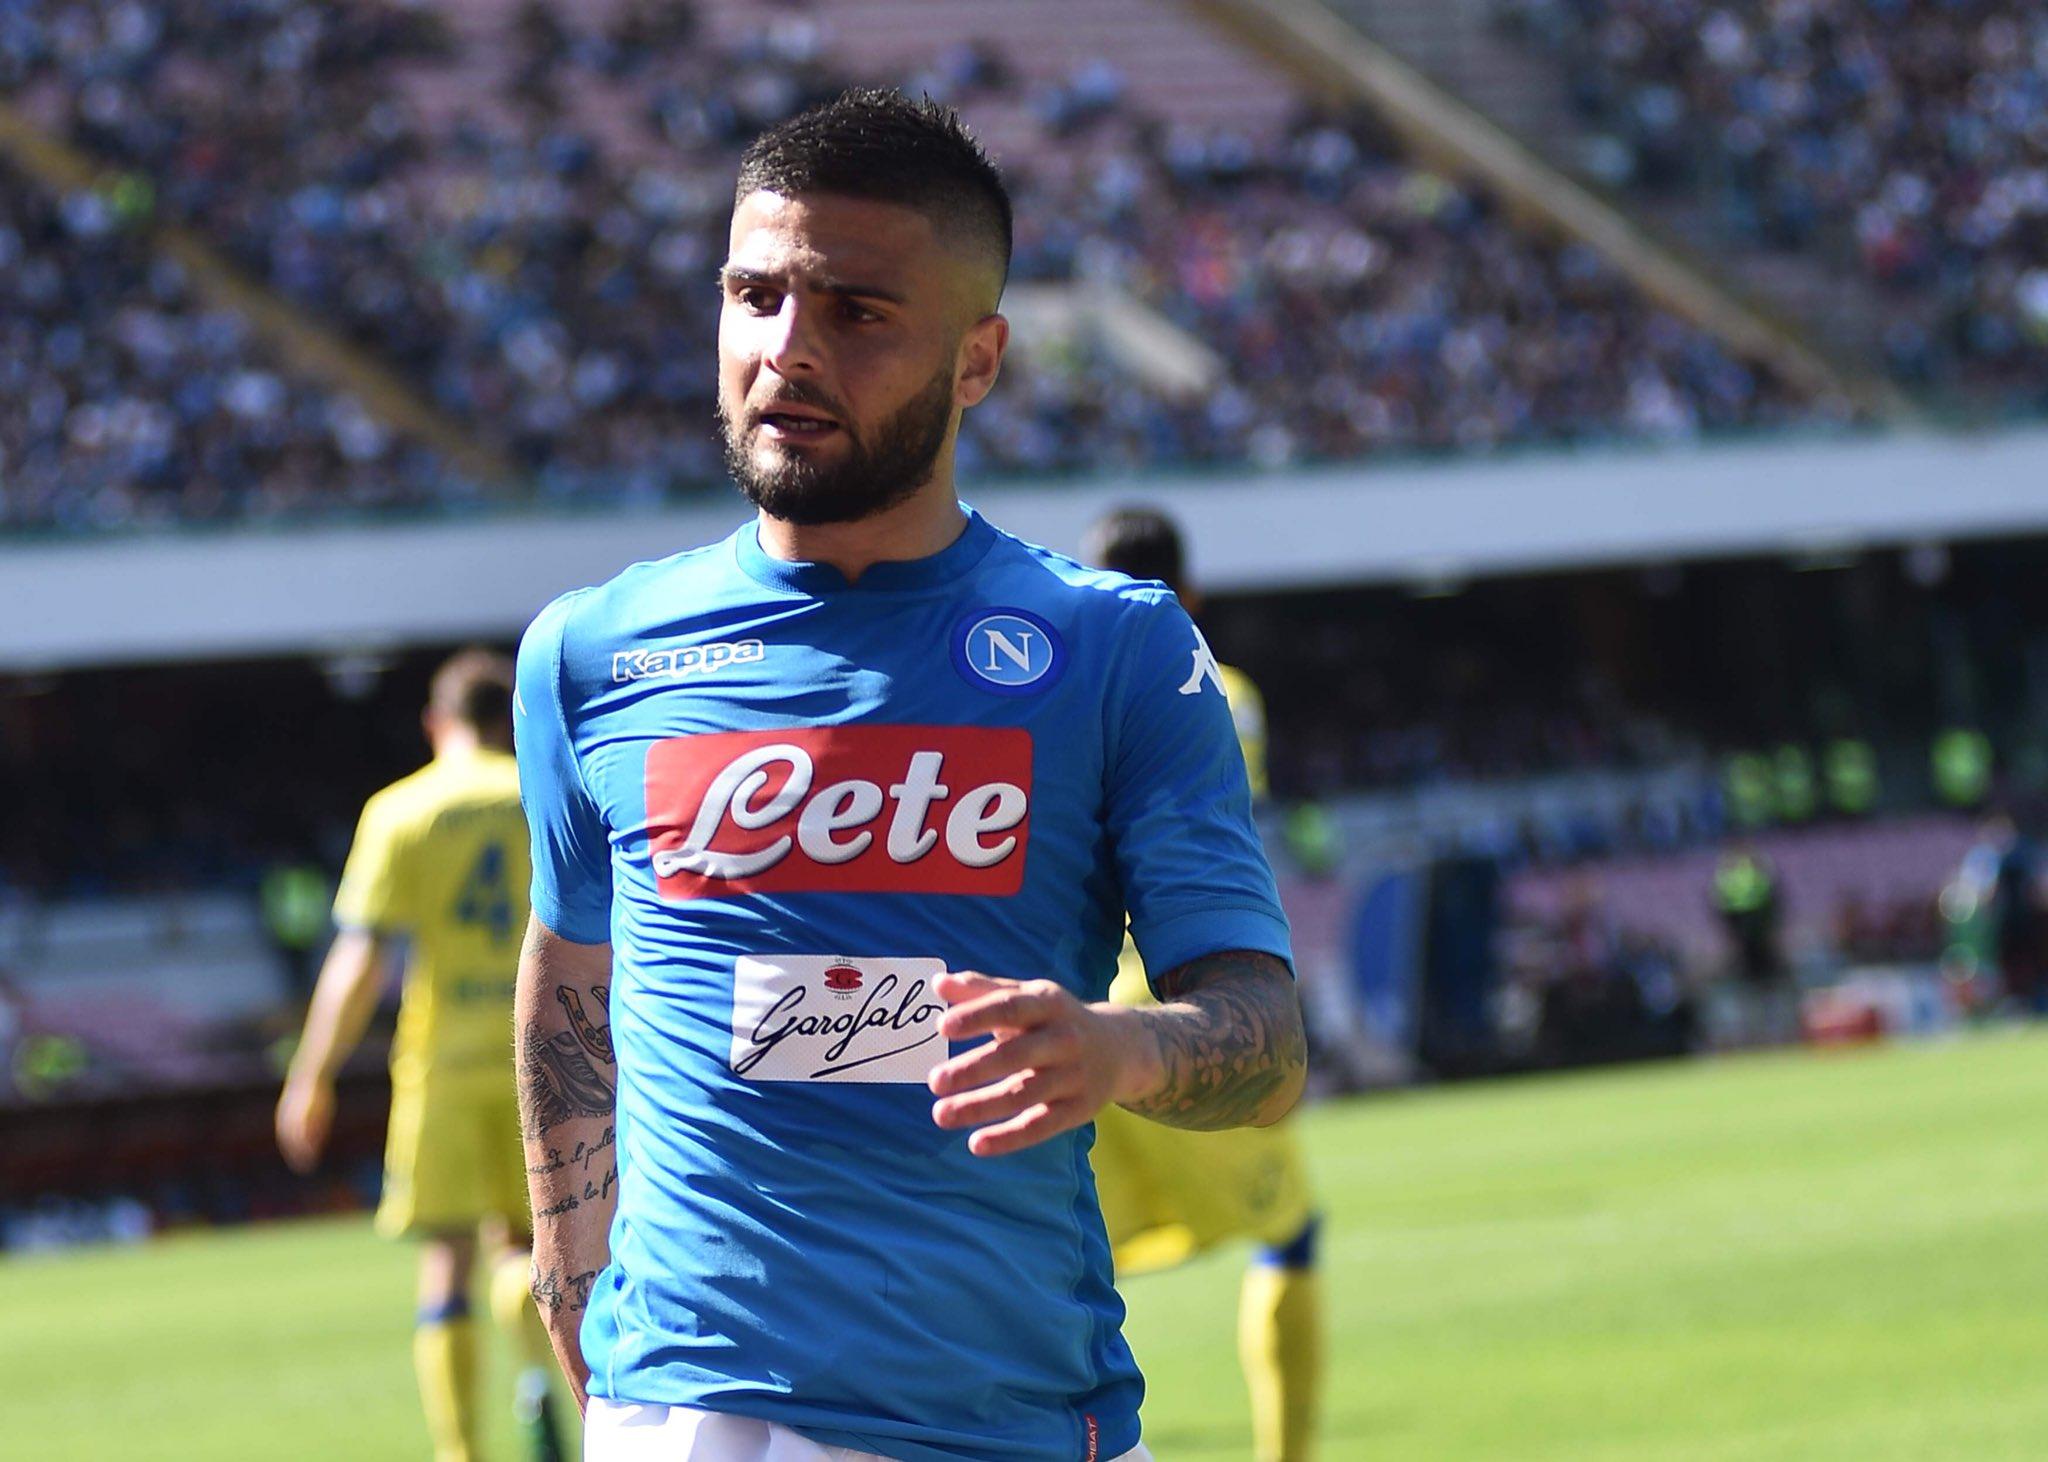 Il finale di Napoli-Chievo: Lo stadio che si svuota e contesta, i fischi a Insigne. Poi la gioia